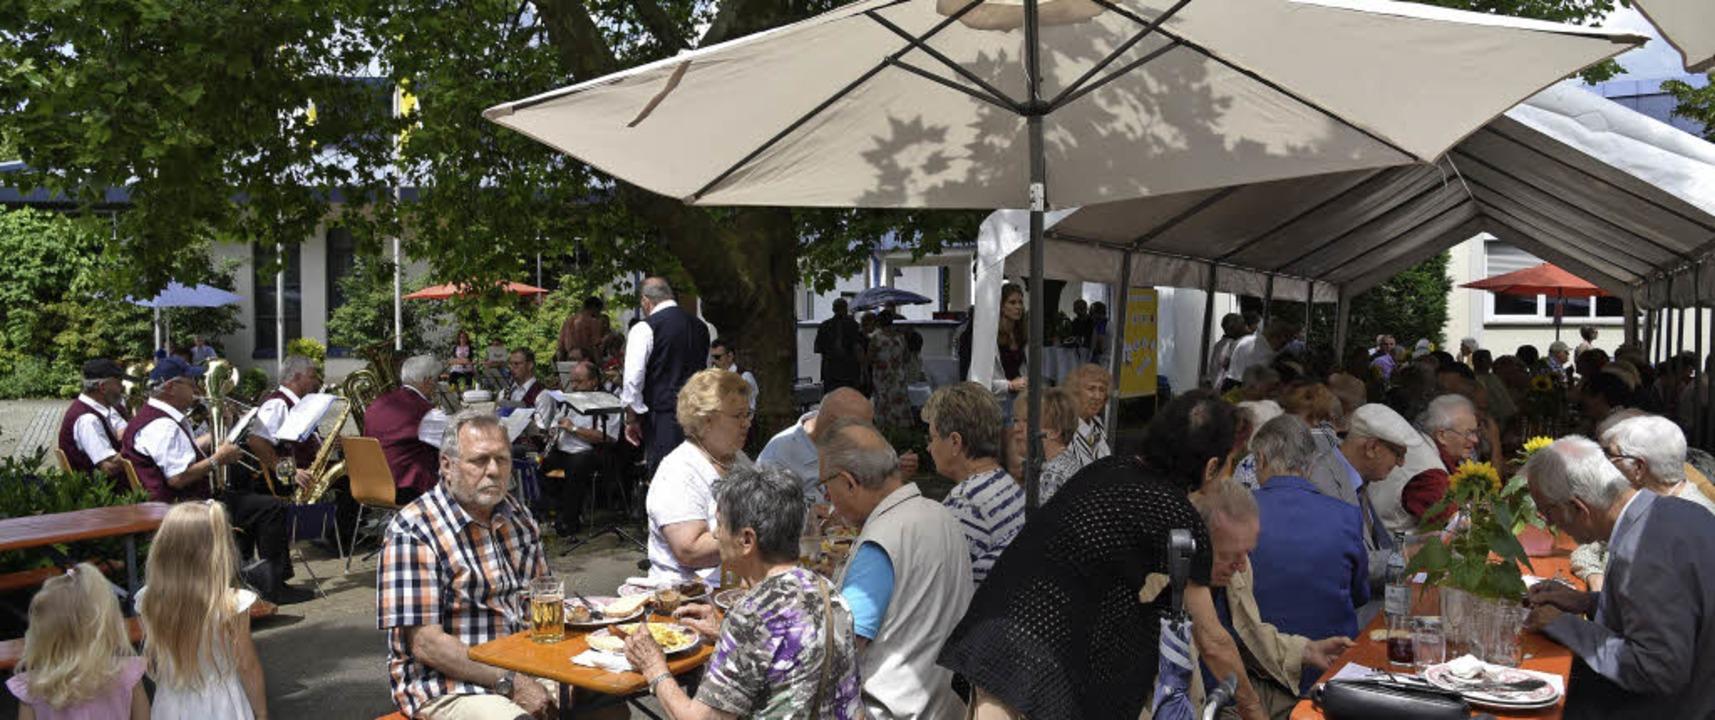 Beim Sommerfest von Sankt Peter und Paul passte alles – auch das Wetter.     Foto: Salathe